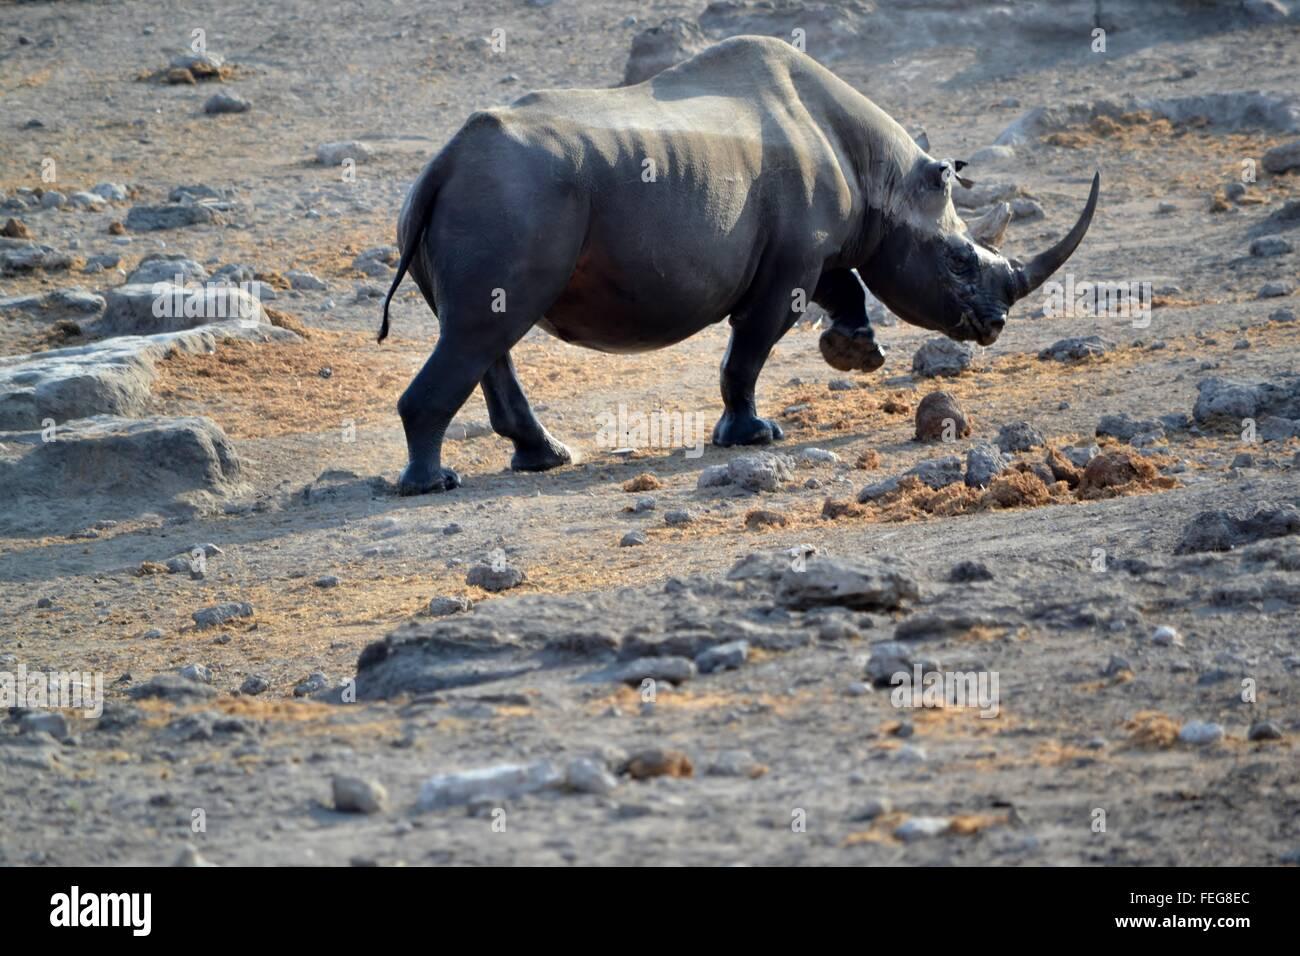 Black rhino in Etosha National park, Namibia - Stock Image